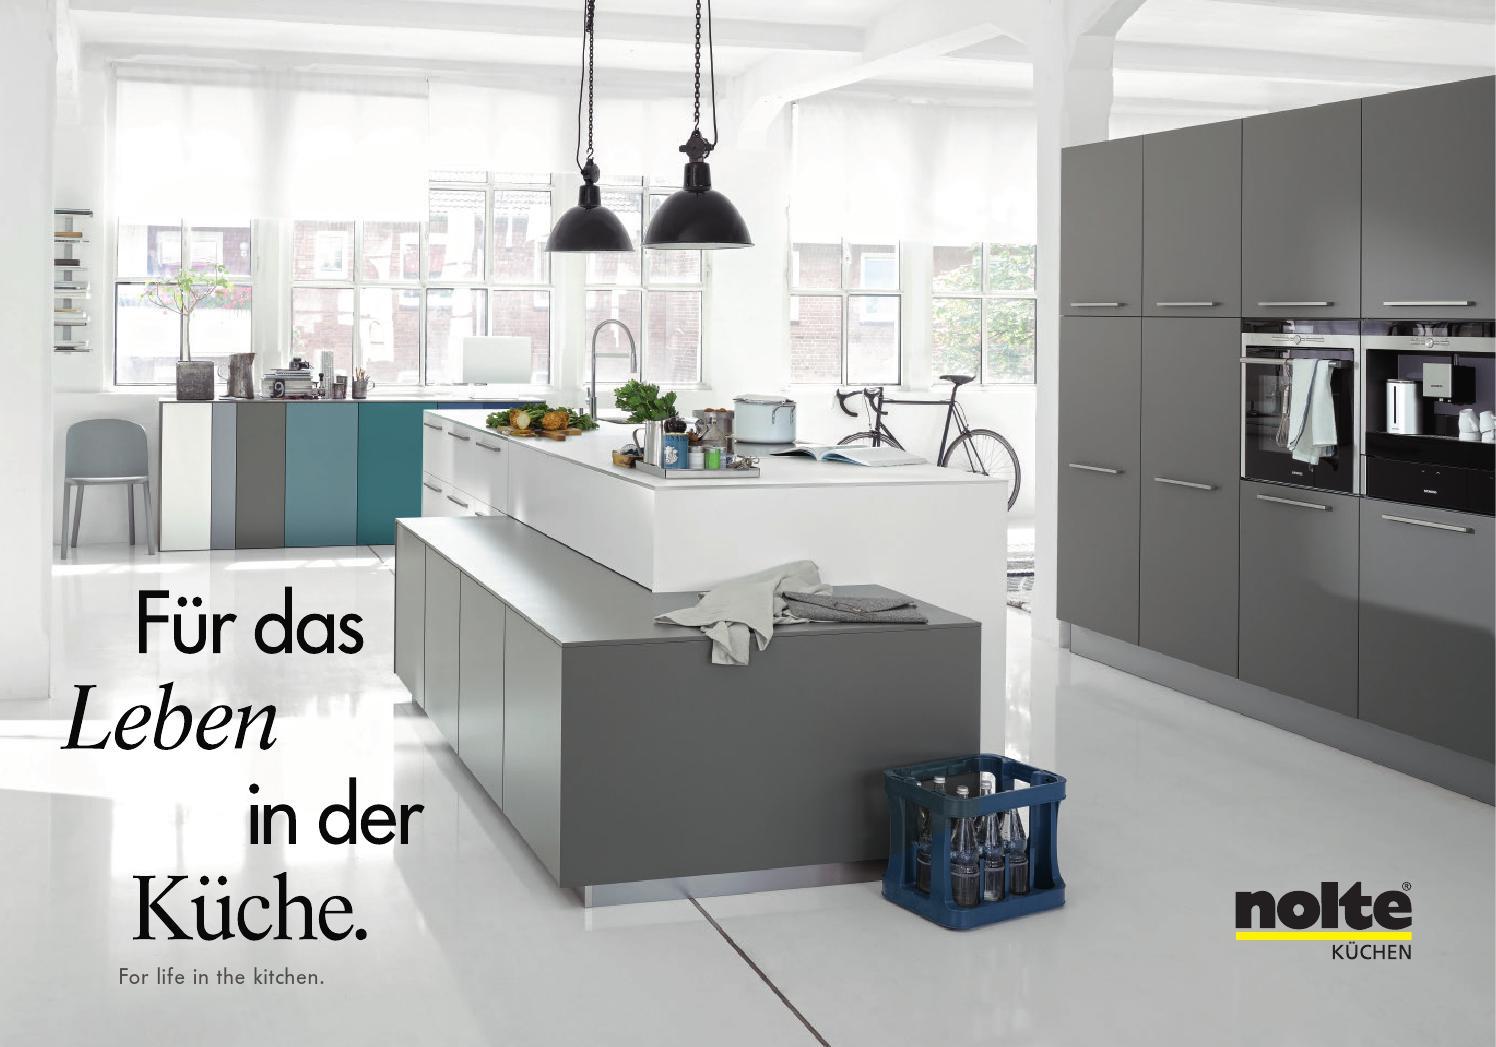 Nolte Kuchen Fur Das Leben In Der Kuche By Werbeagentur Art